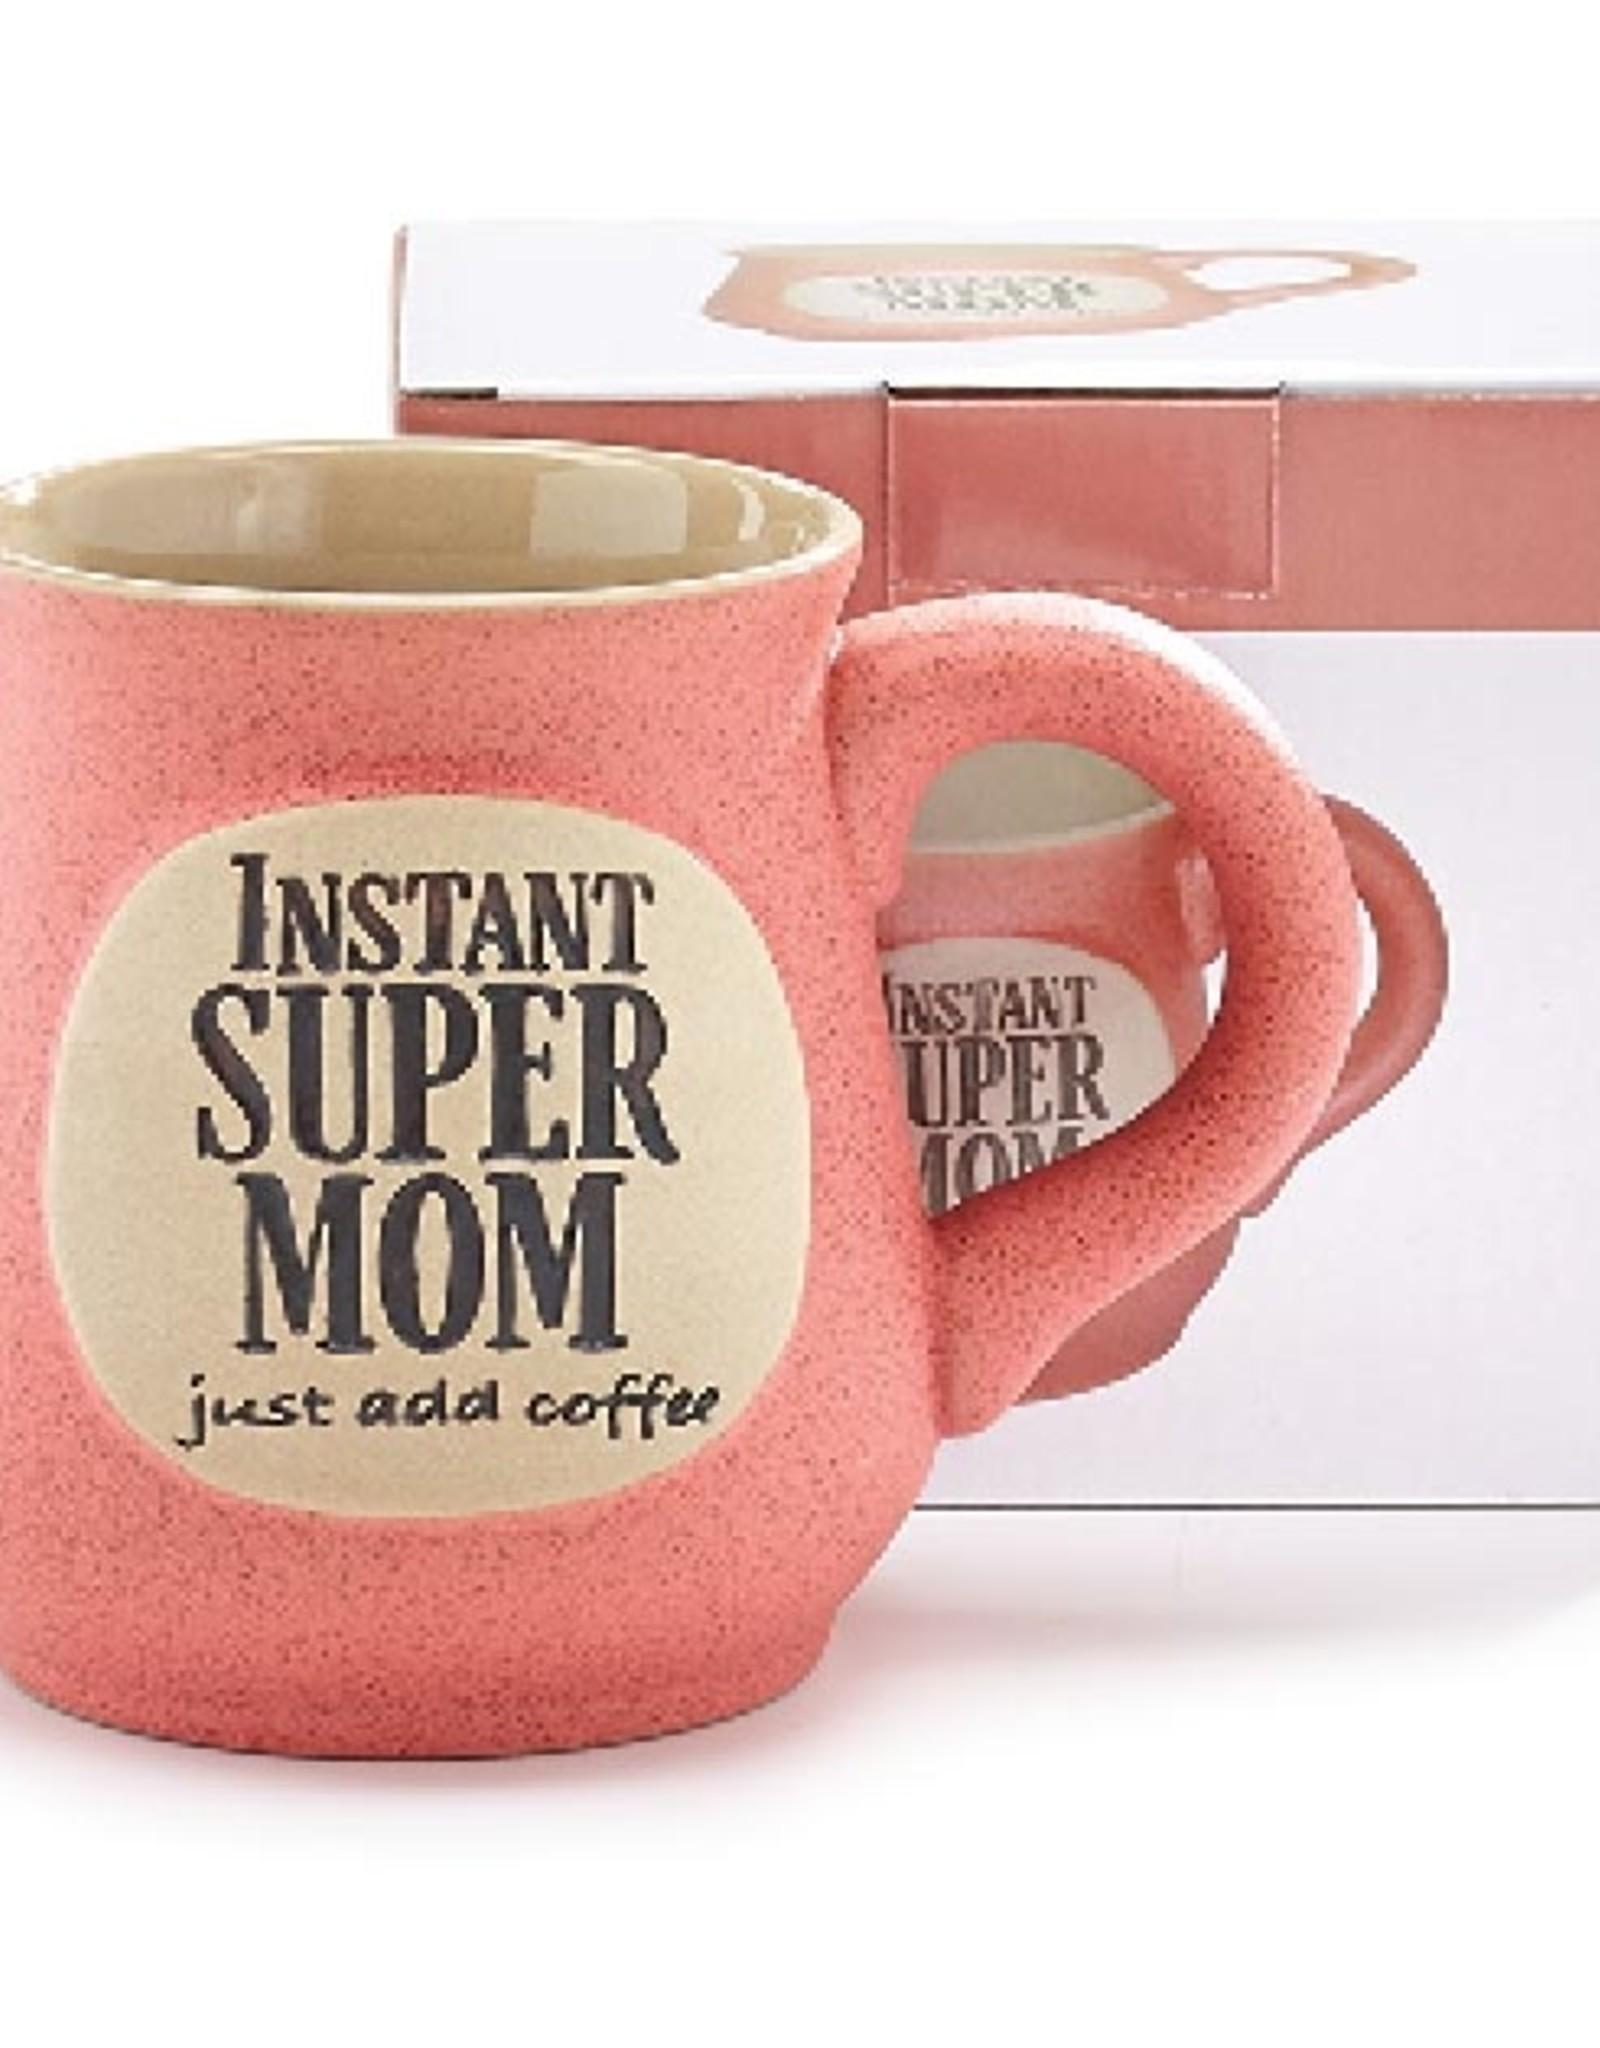 Wink Instant Super Mom Mug